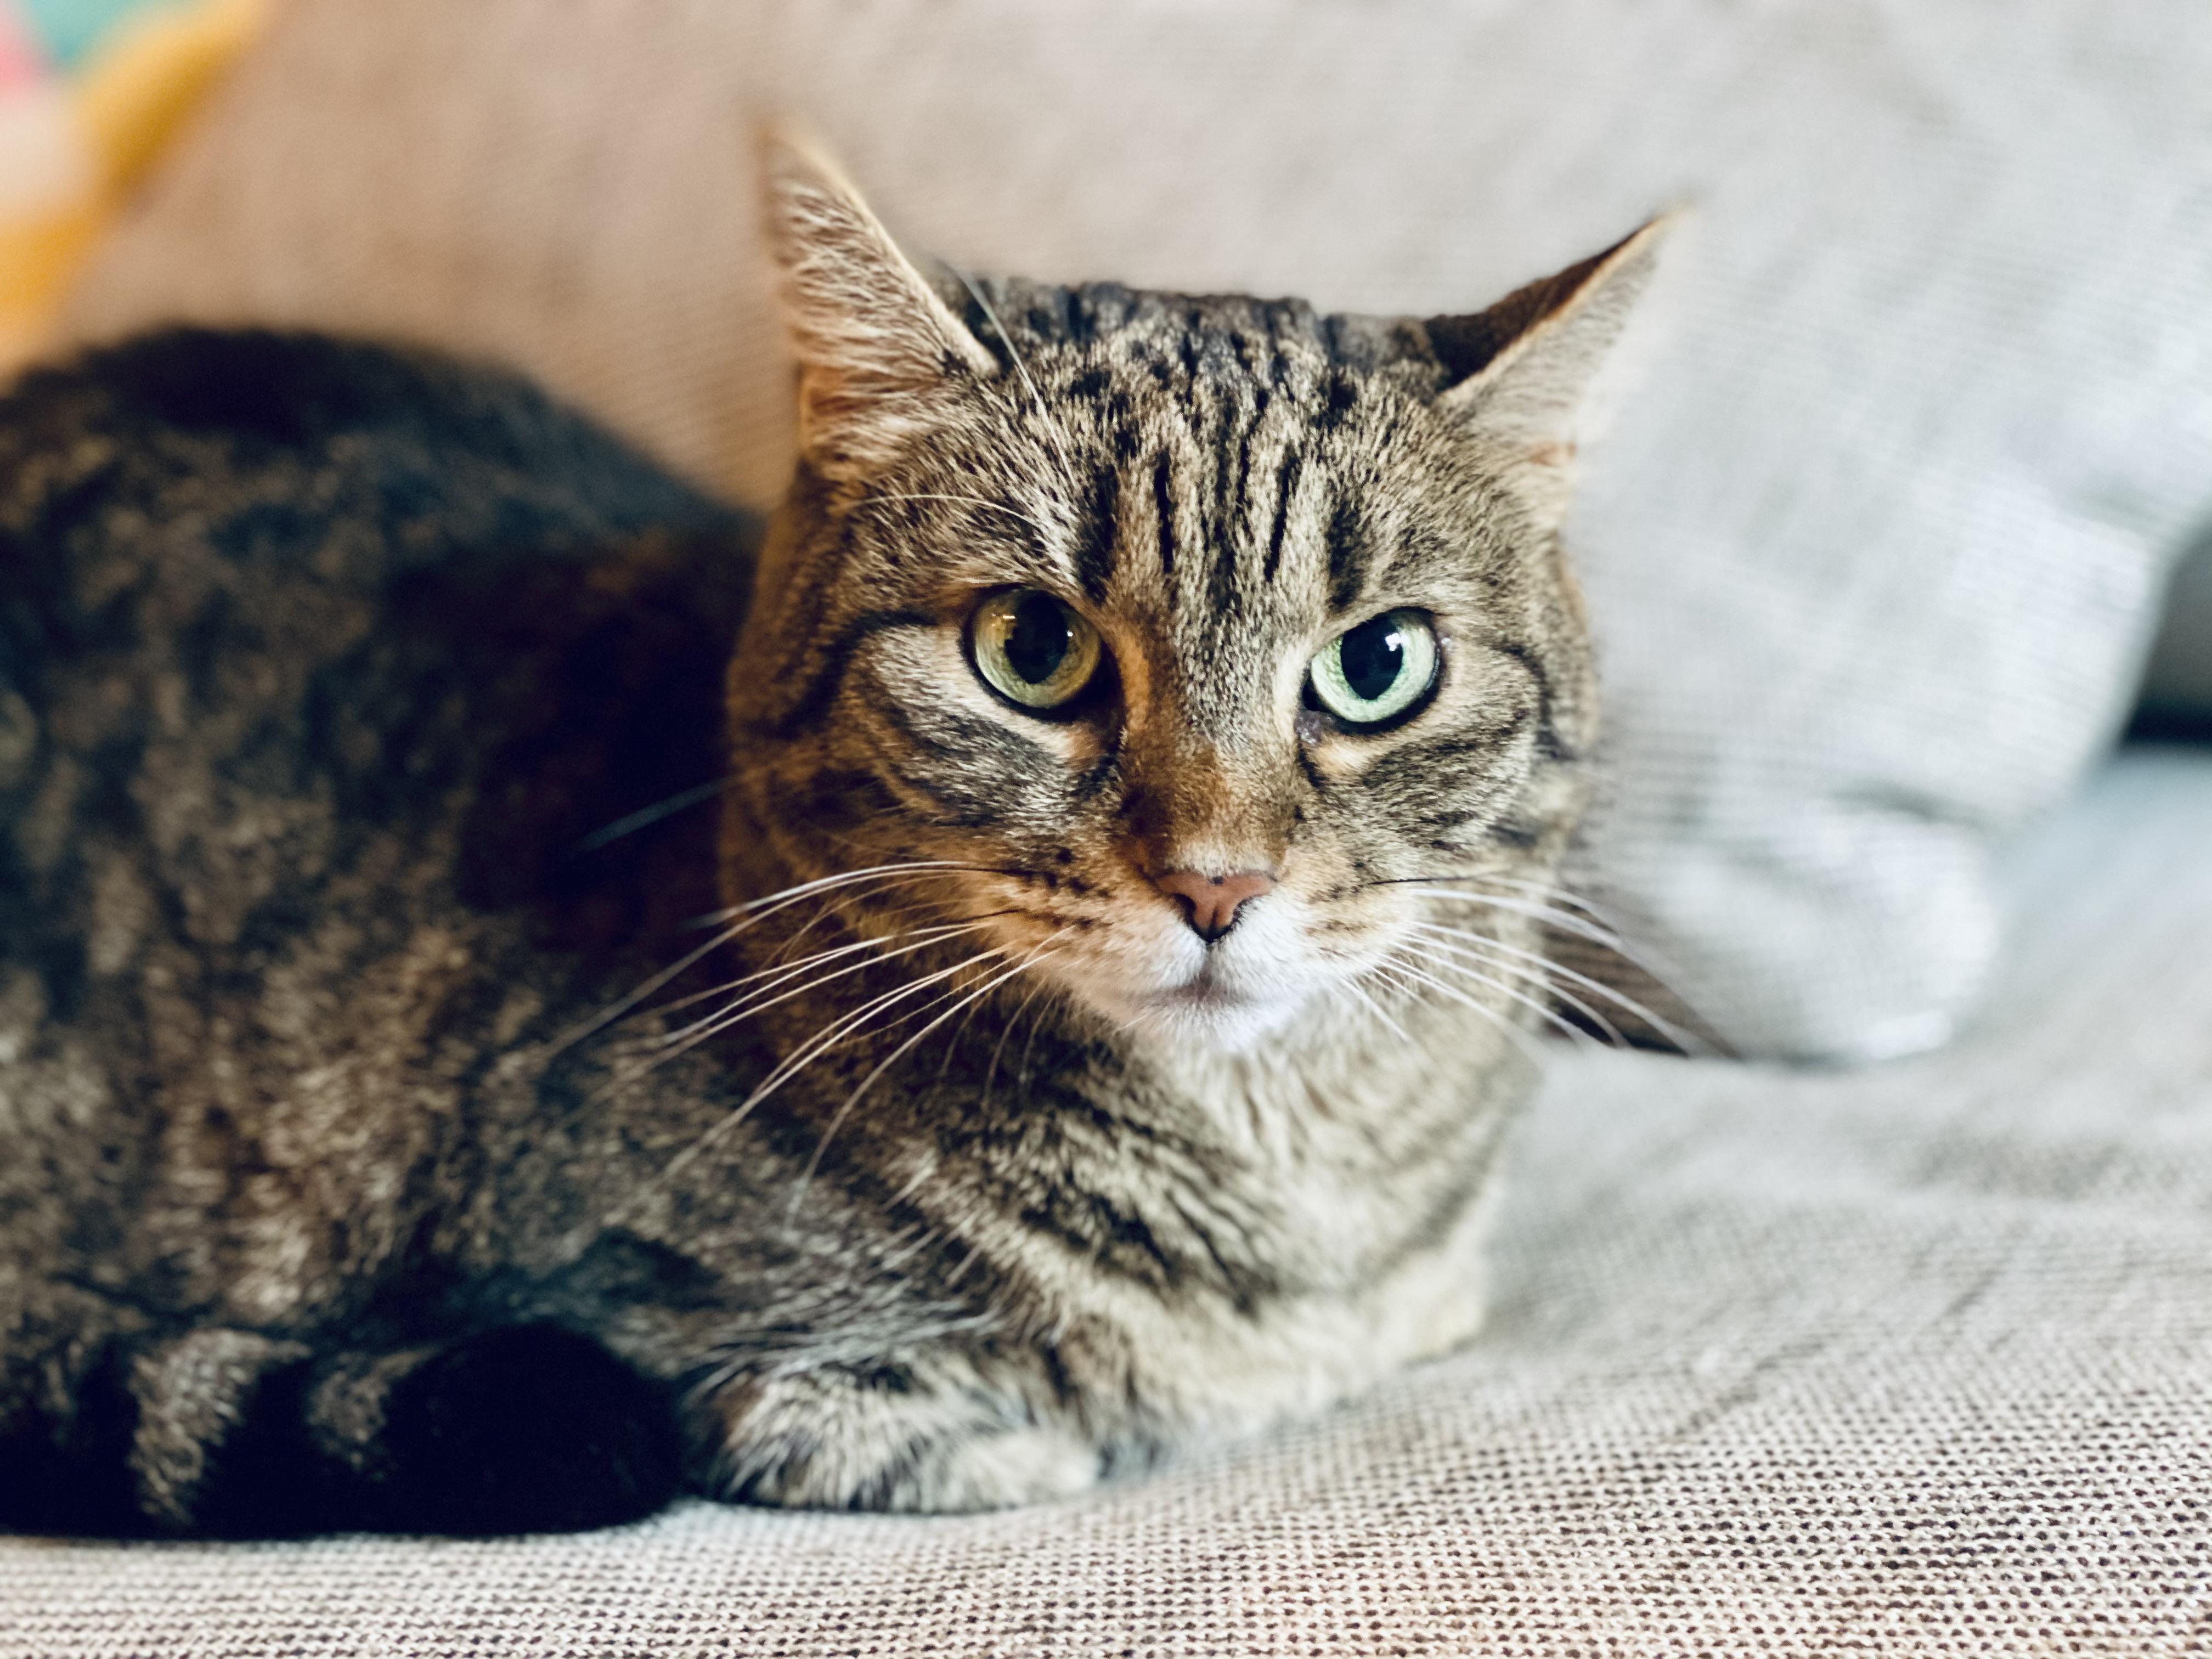 Rengeteg macska pusztul el az Egyesült Királyságban, feltehetően egy széles körben forgalmazott macskaeledel miatt